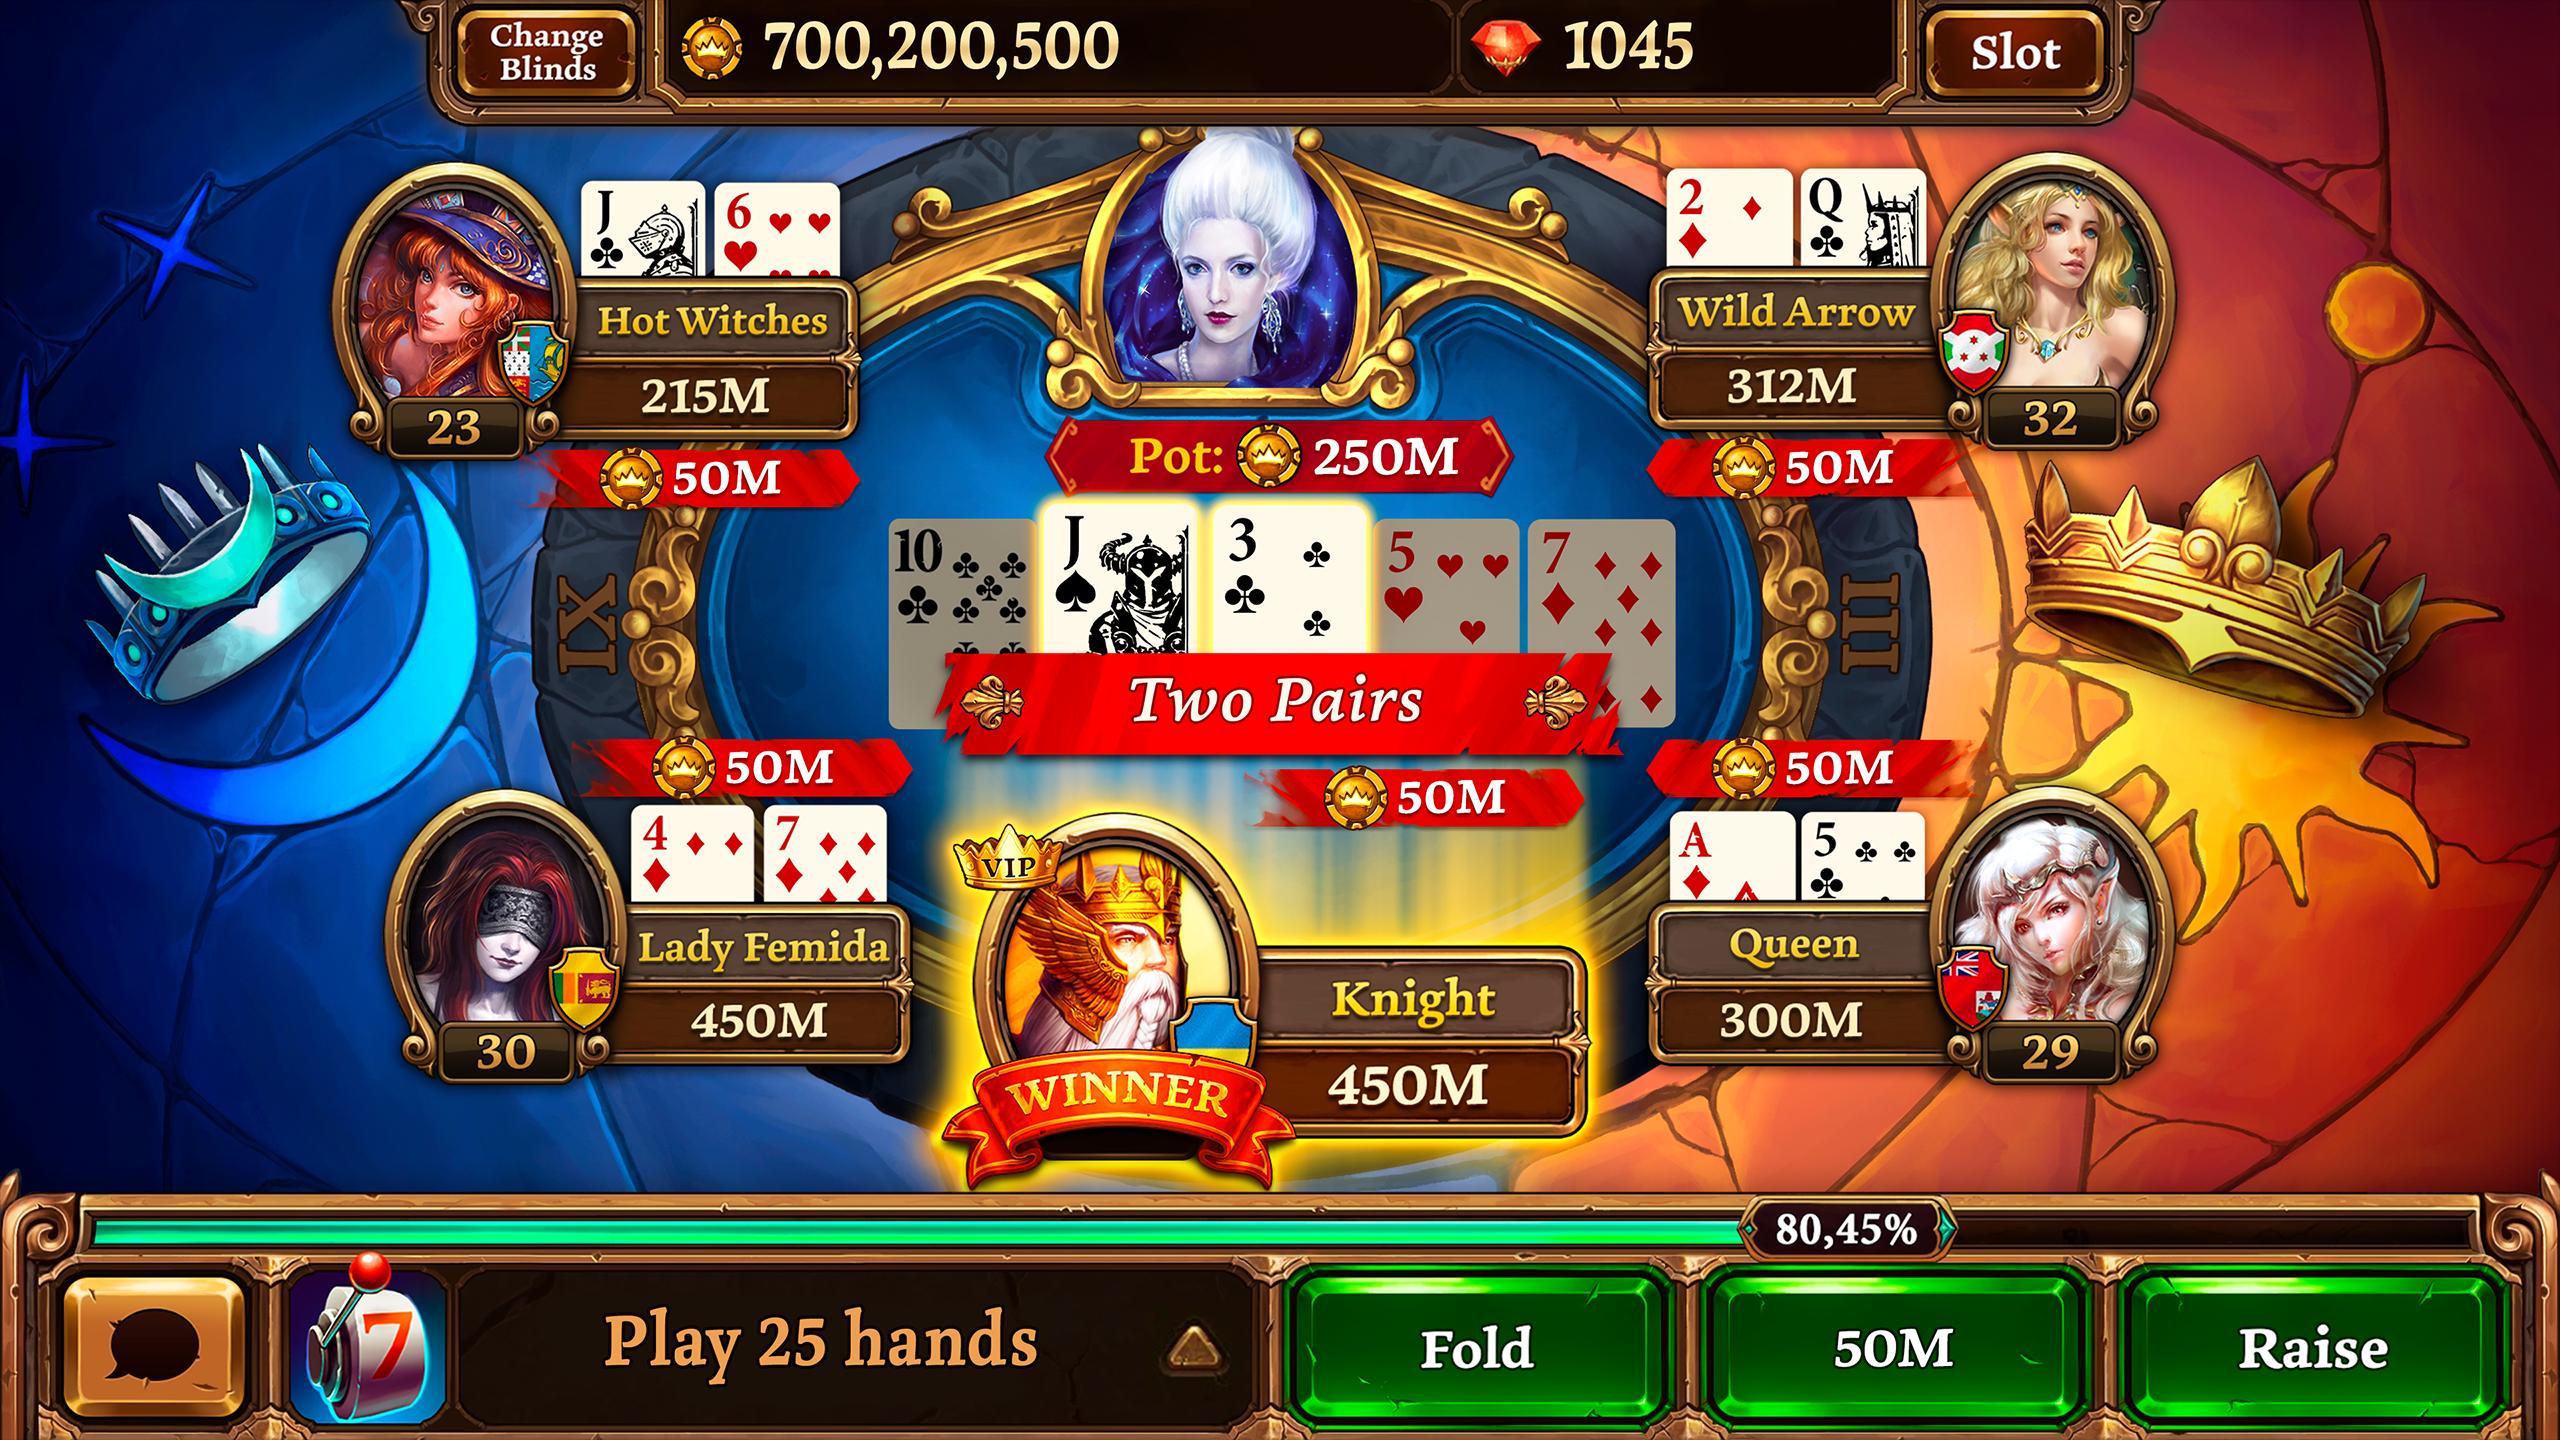 Онлайн покер на андроид скачать бесплатно как в карты играть в девятку